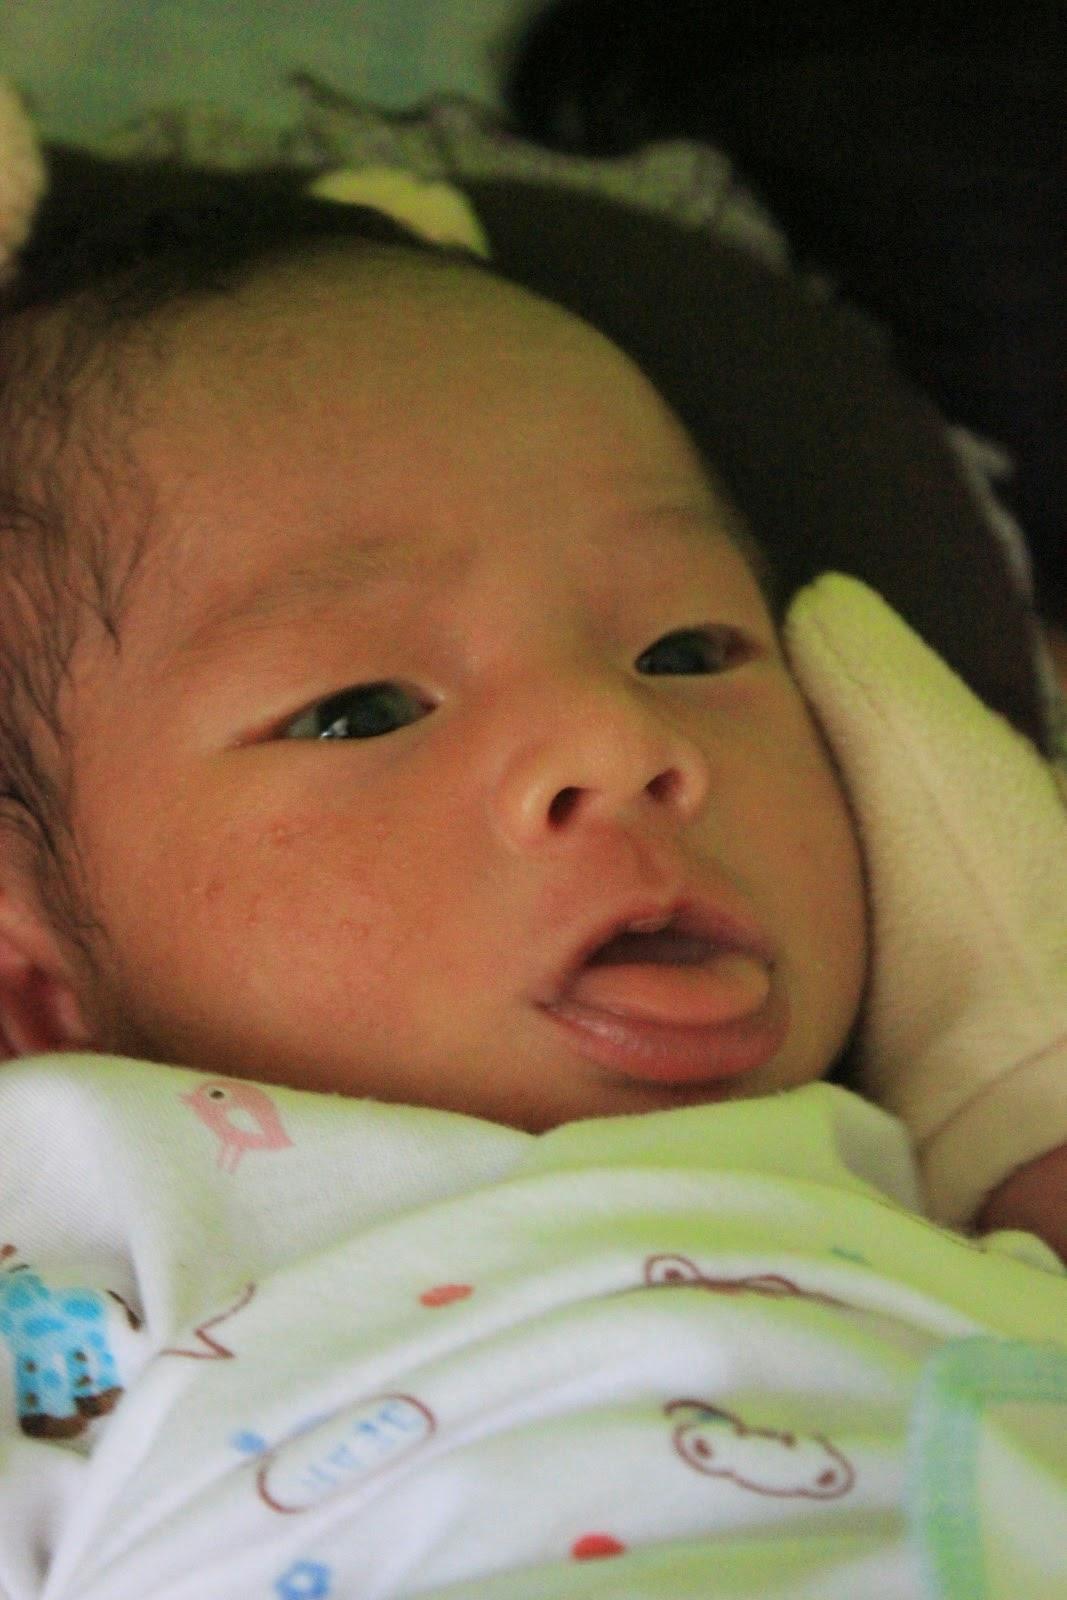 Kumpulan Foto Bayi Lucu Imut Cantik Ganteng Dan Menggemaskan